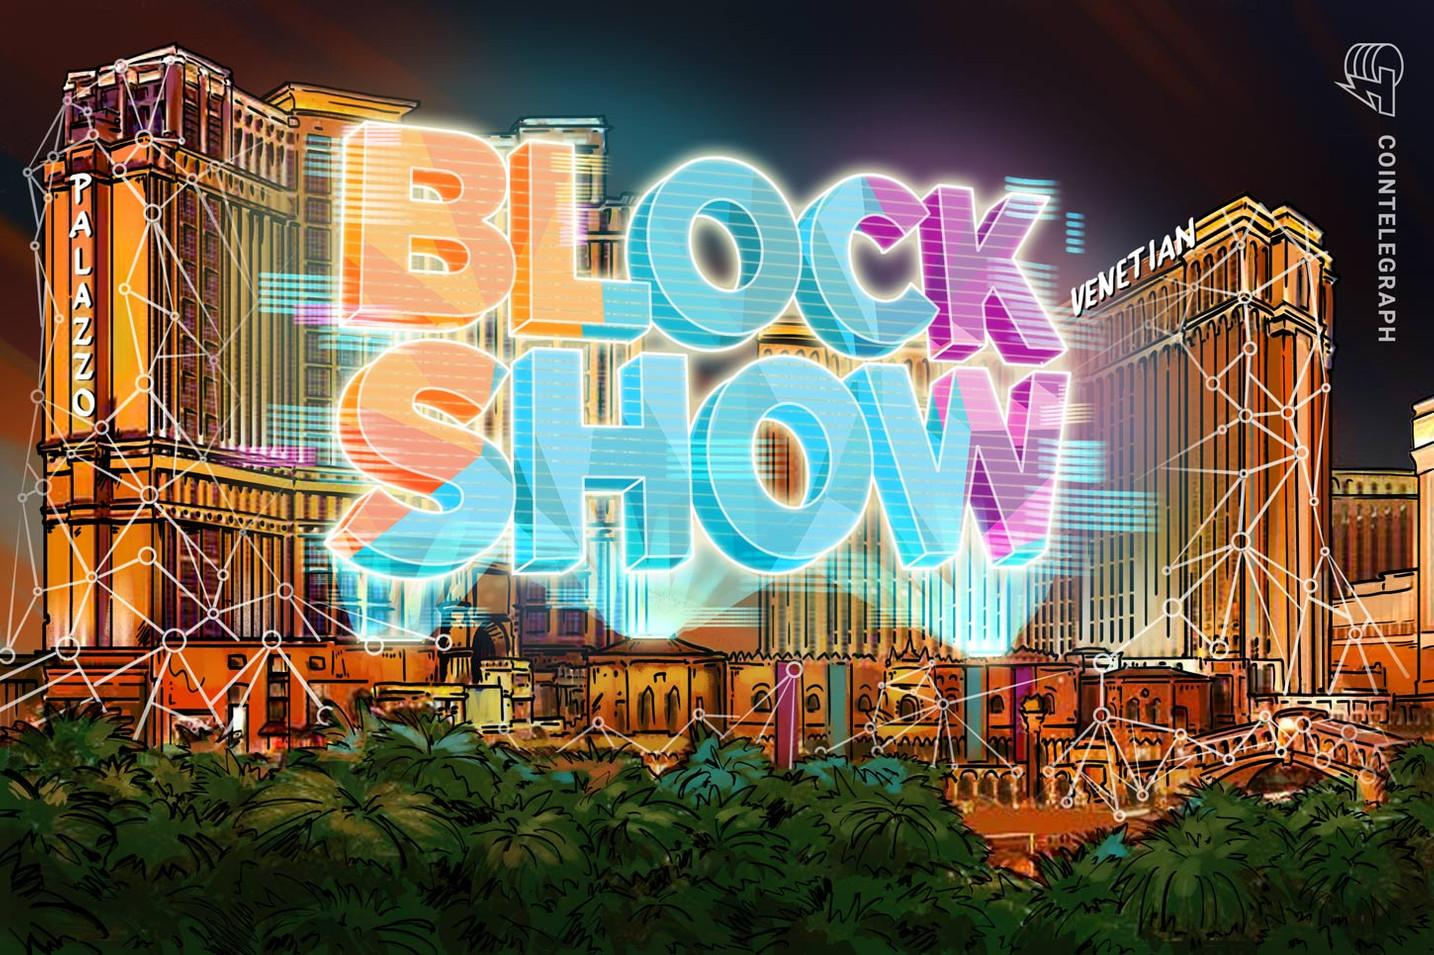 Blockchain für einen guten Zweck: Wie die Technologie den Leuten in Not helfen kann